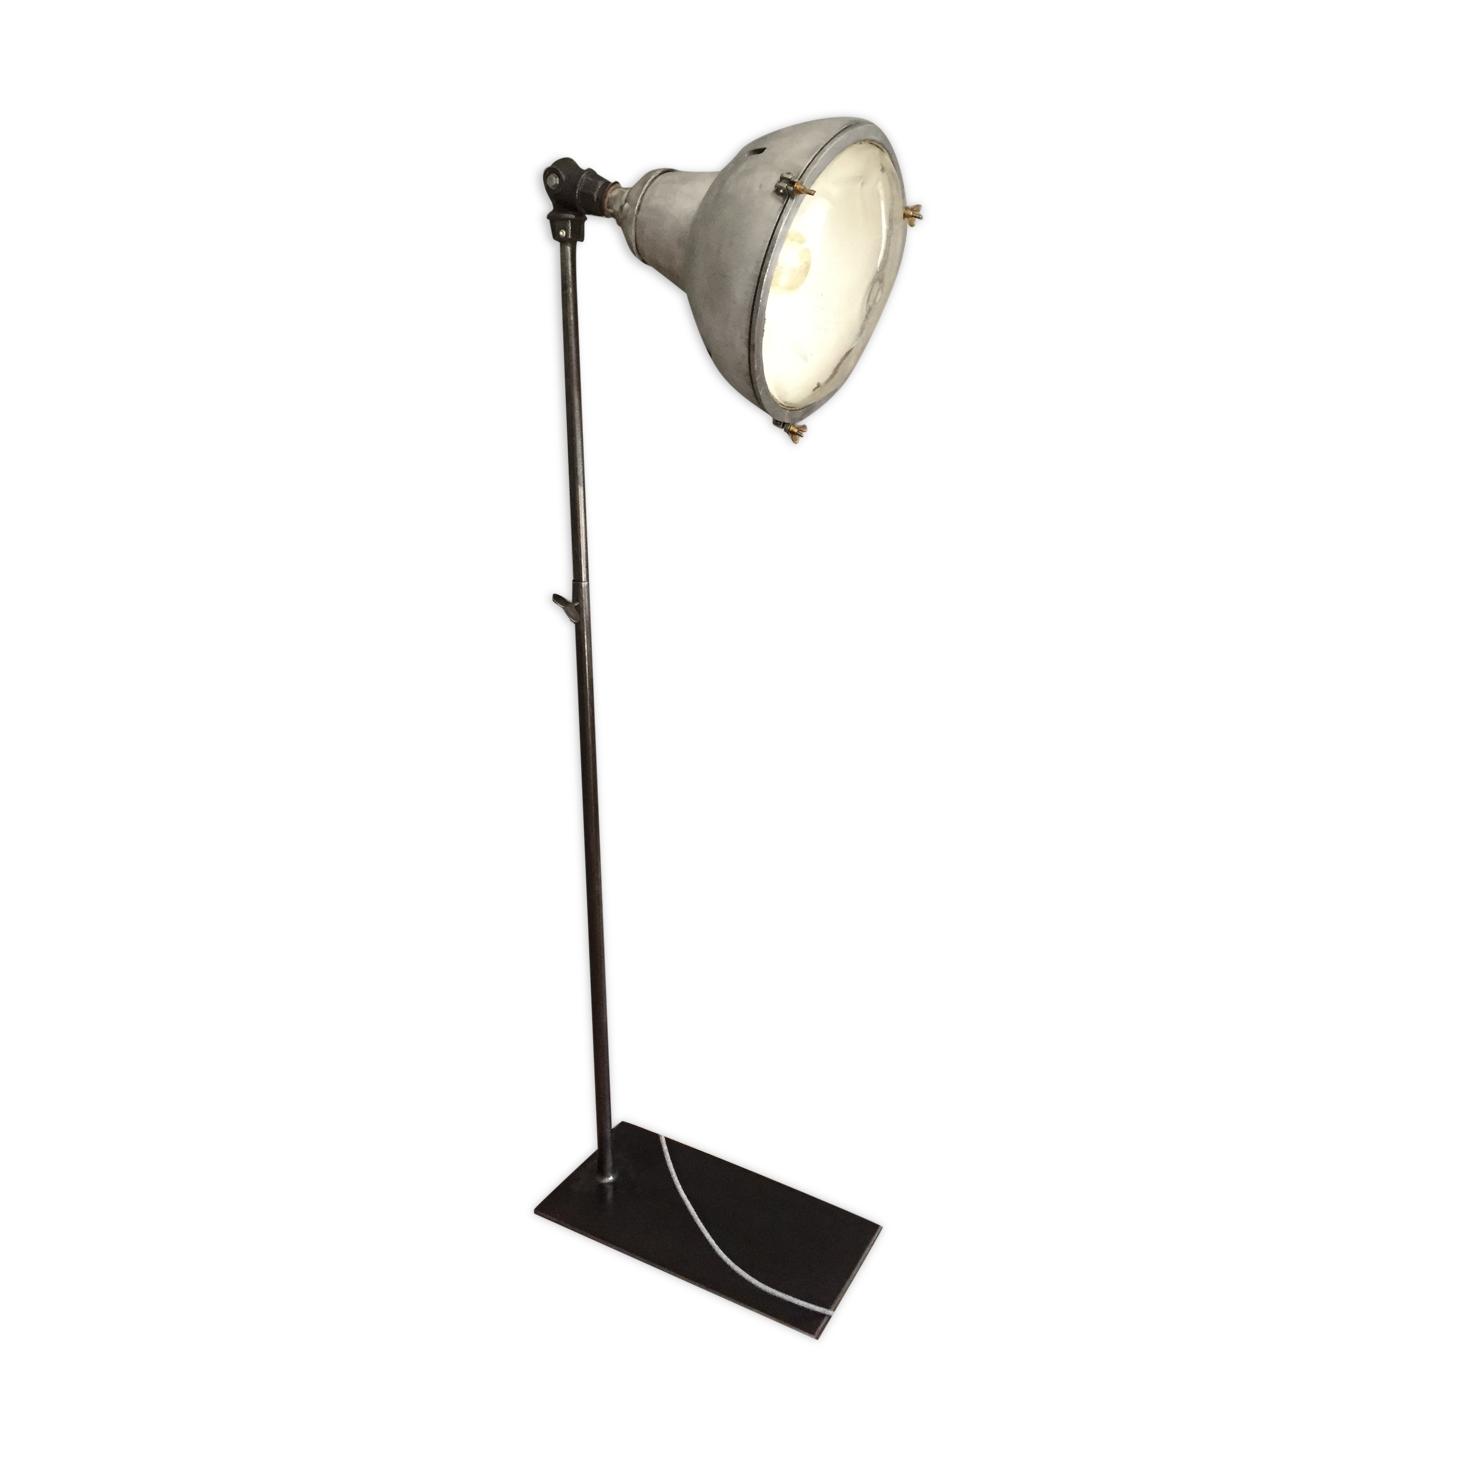 Lampadaire projecteur industriel Acelec